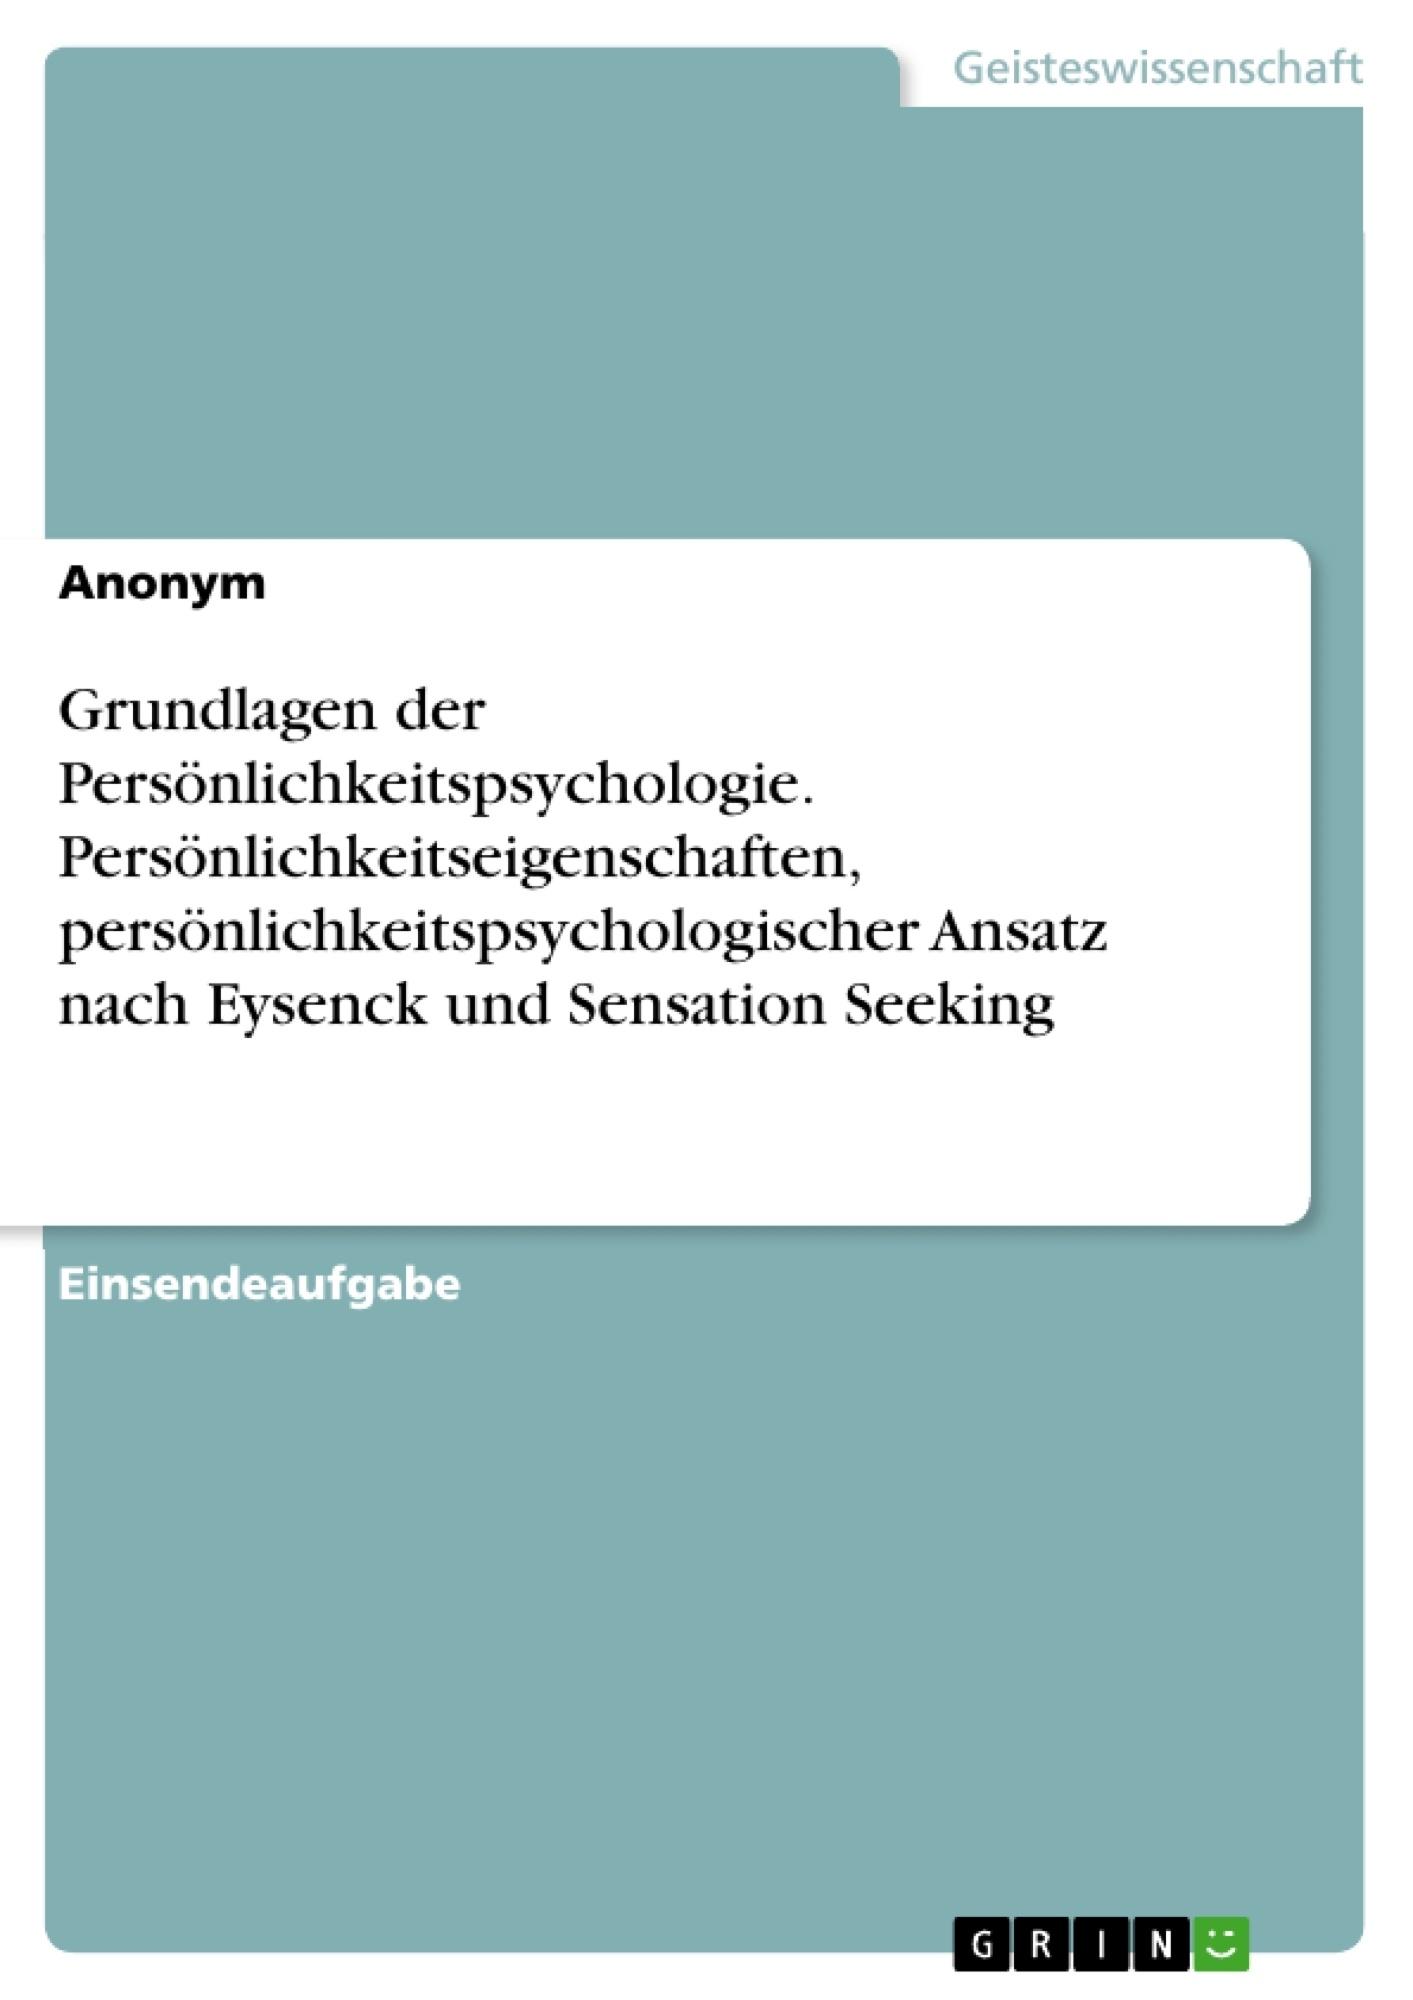 Titel: Grundlagen der Persönlichkeitspsychologie. Persönlichkeitseigenschaften,  persönlichkeitspsychologischer Ansatz nach Eysenck und Sensation Seeking